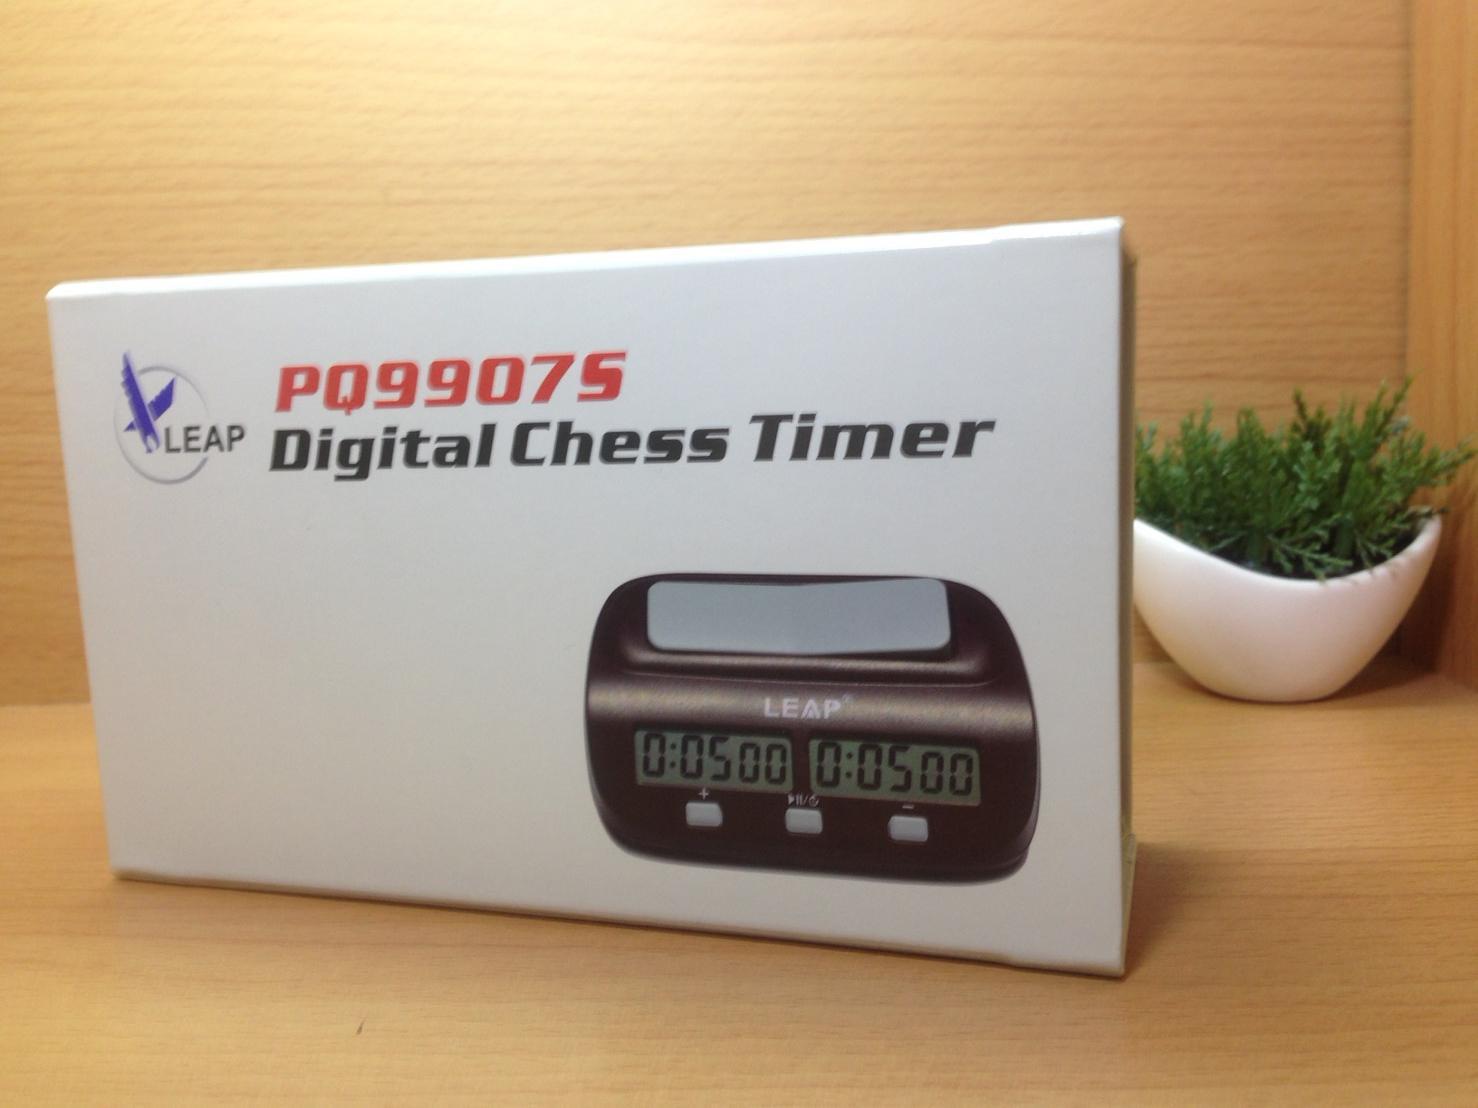 นาฬิกาจับเวลาดิจิตอลLEAP รุ่น PQ9907S